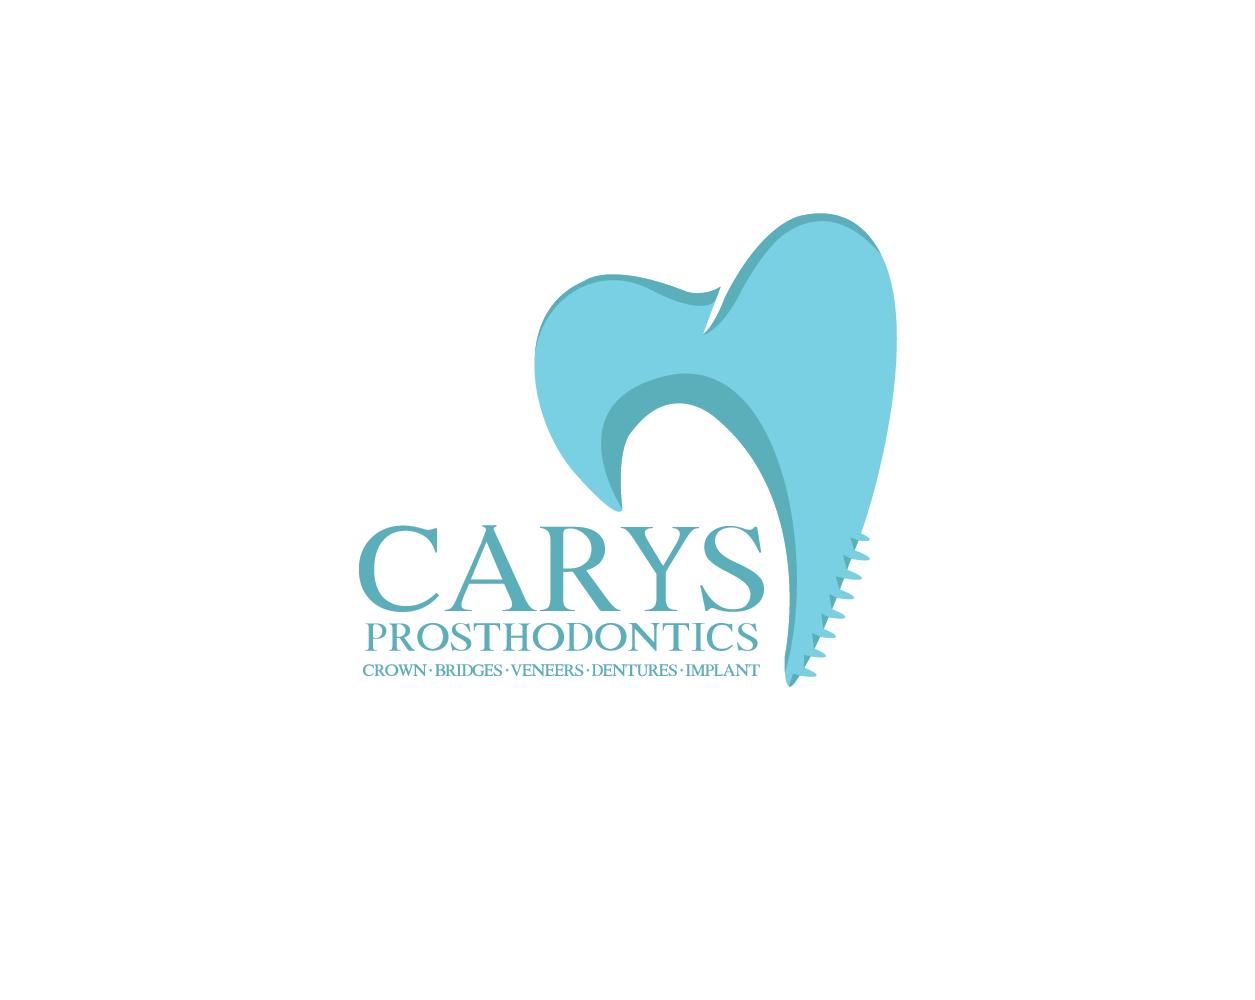 Logo Design by pojas12 - Entry No. 29 in the Logo Design Contest Cary Prosthodontics Logo Design.